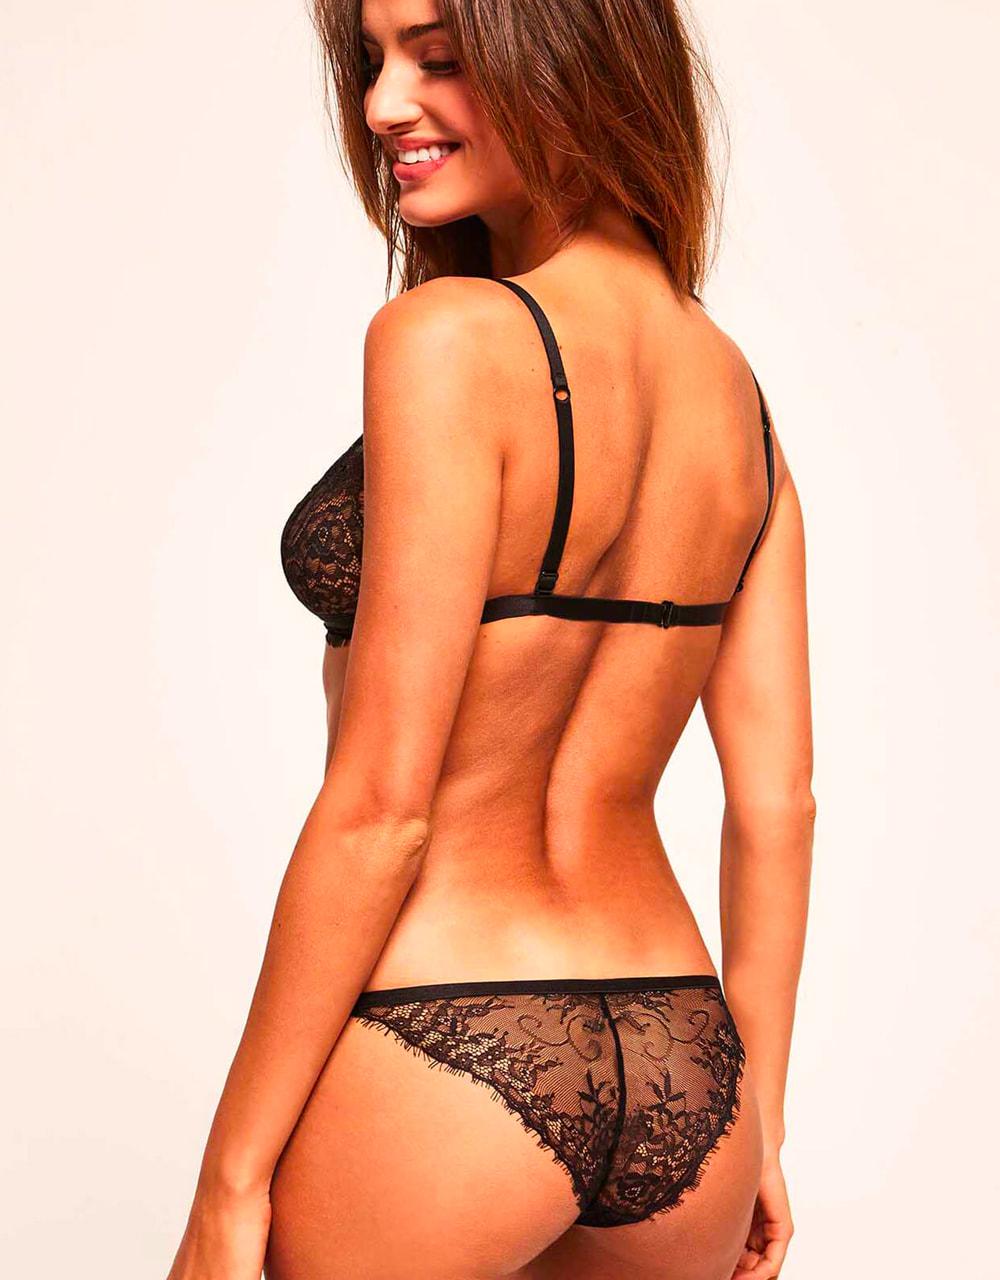 lingerie set culottes Charlie Noir/chair 19 € Girls In Paris photo 5